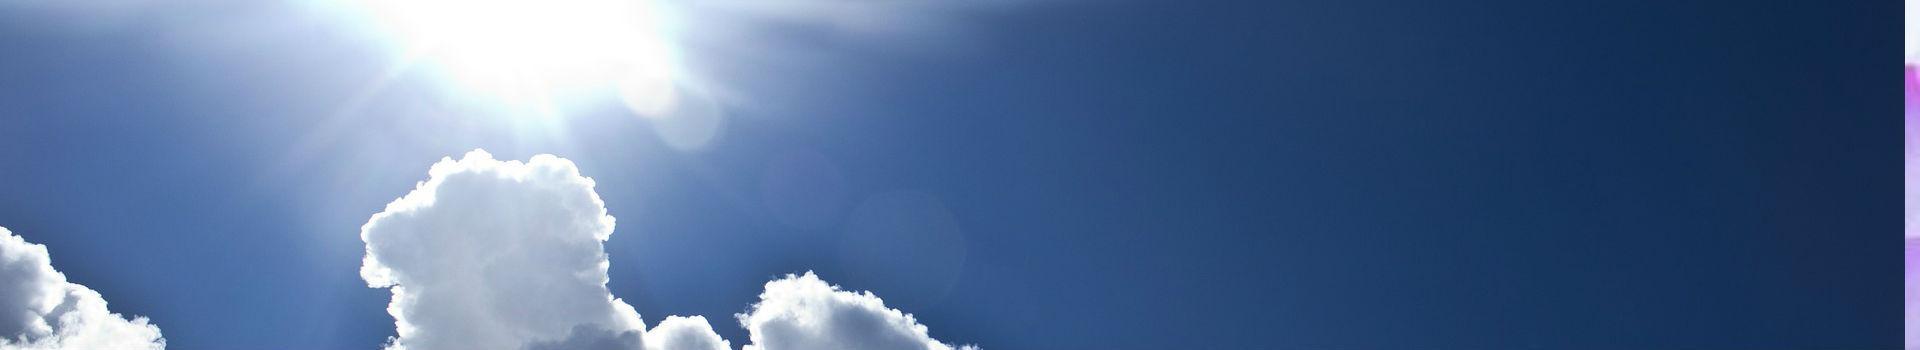 Banner-Himmel